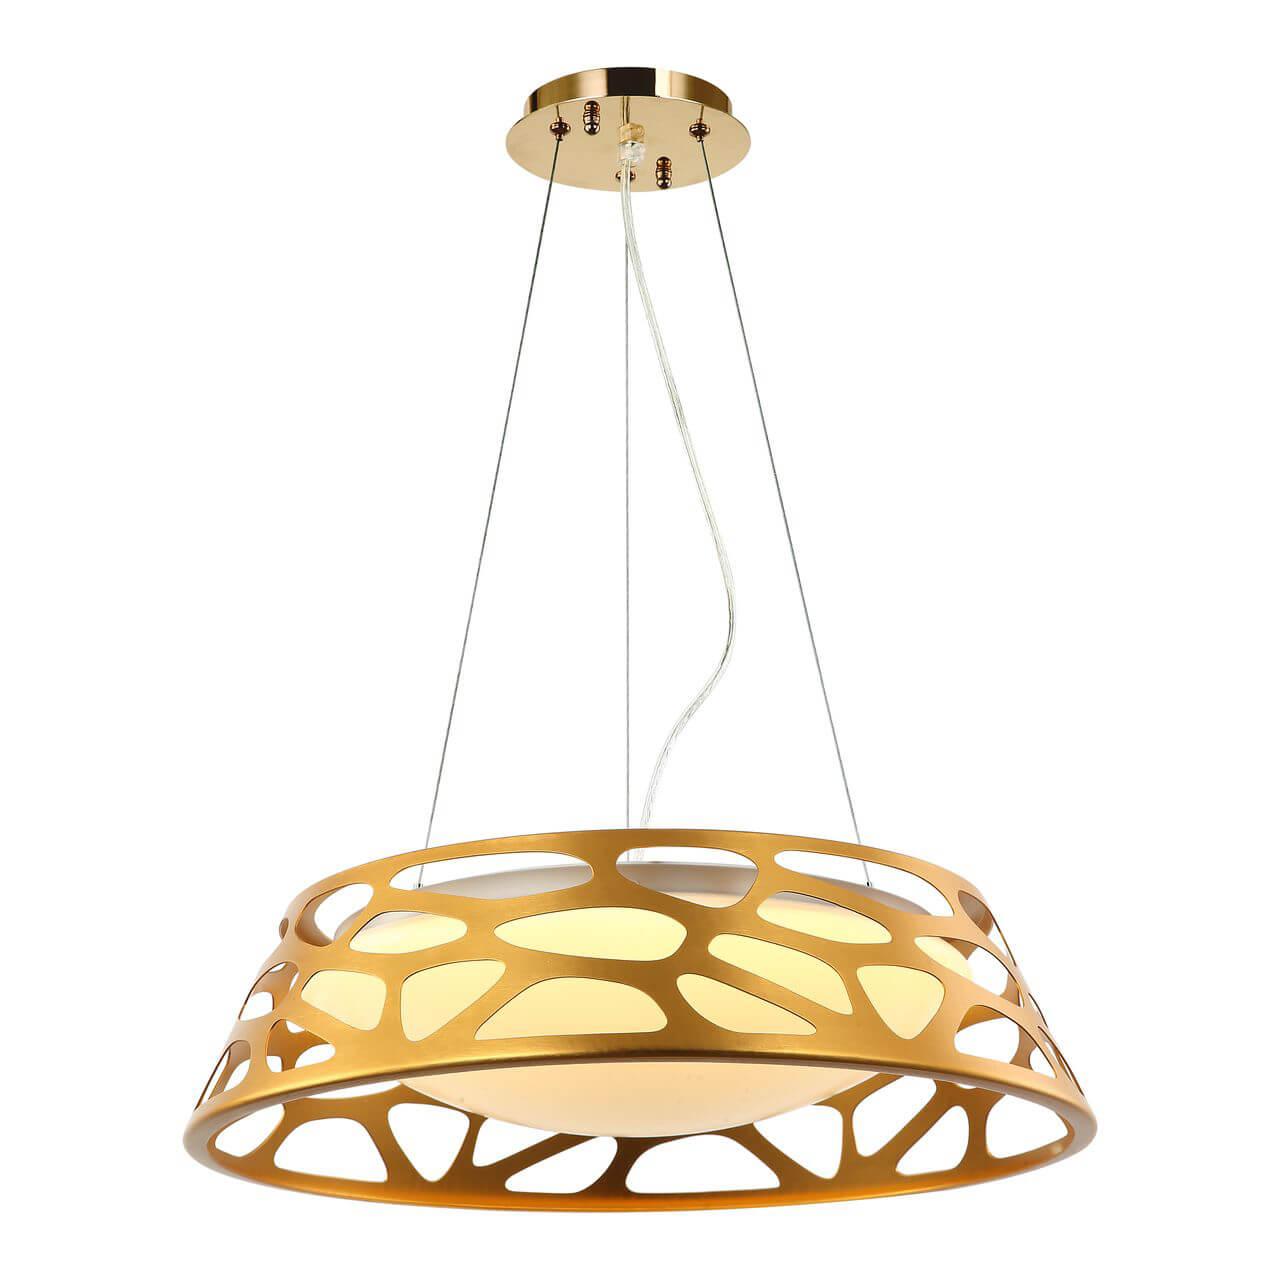 Светильник Favourite 2507-3PC Arcanum (2 в 1 (подвесной и потолочный)) фото